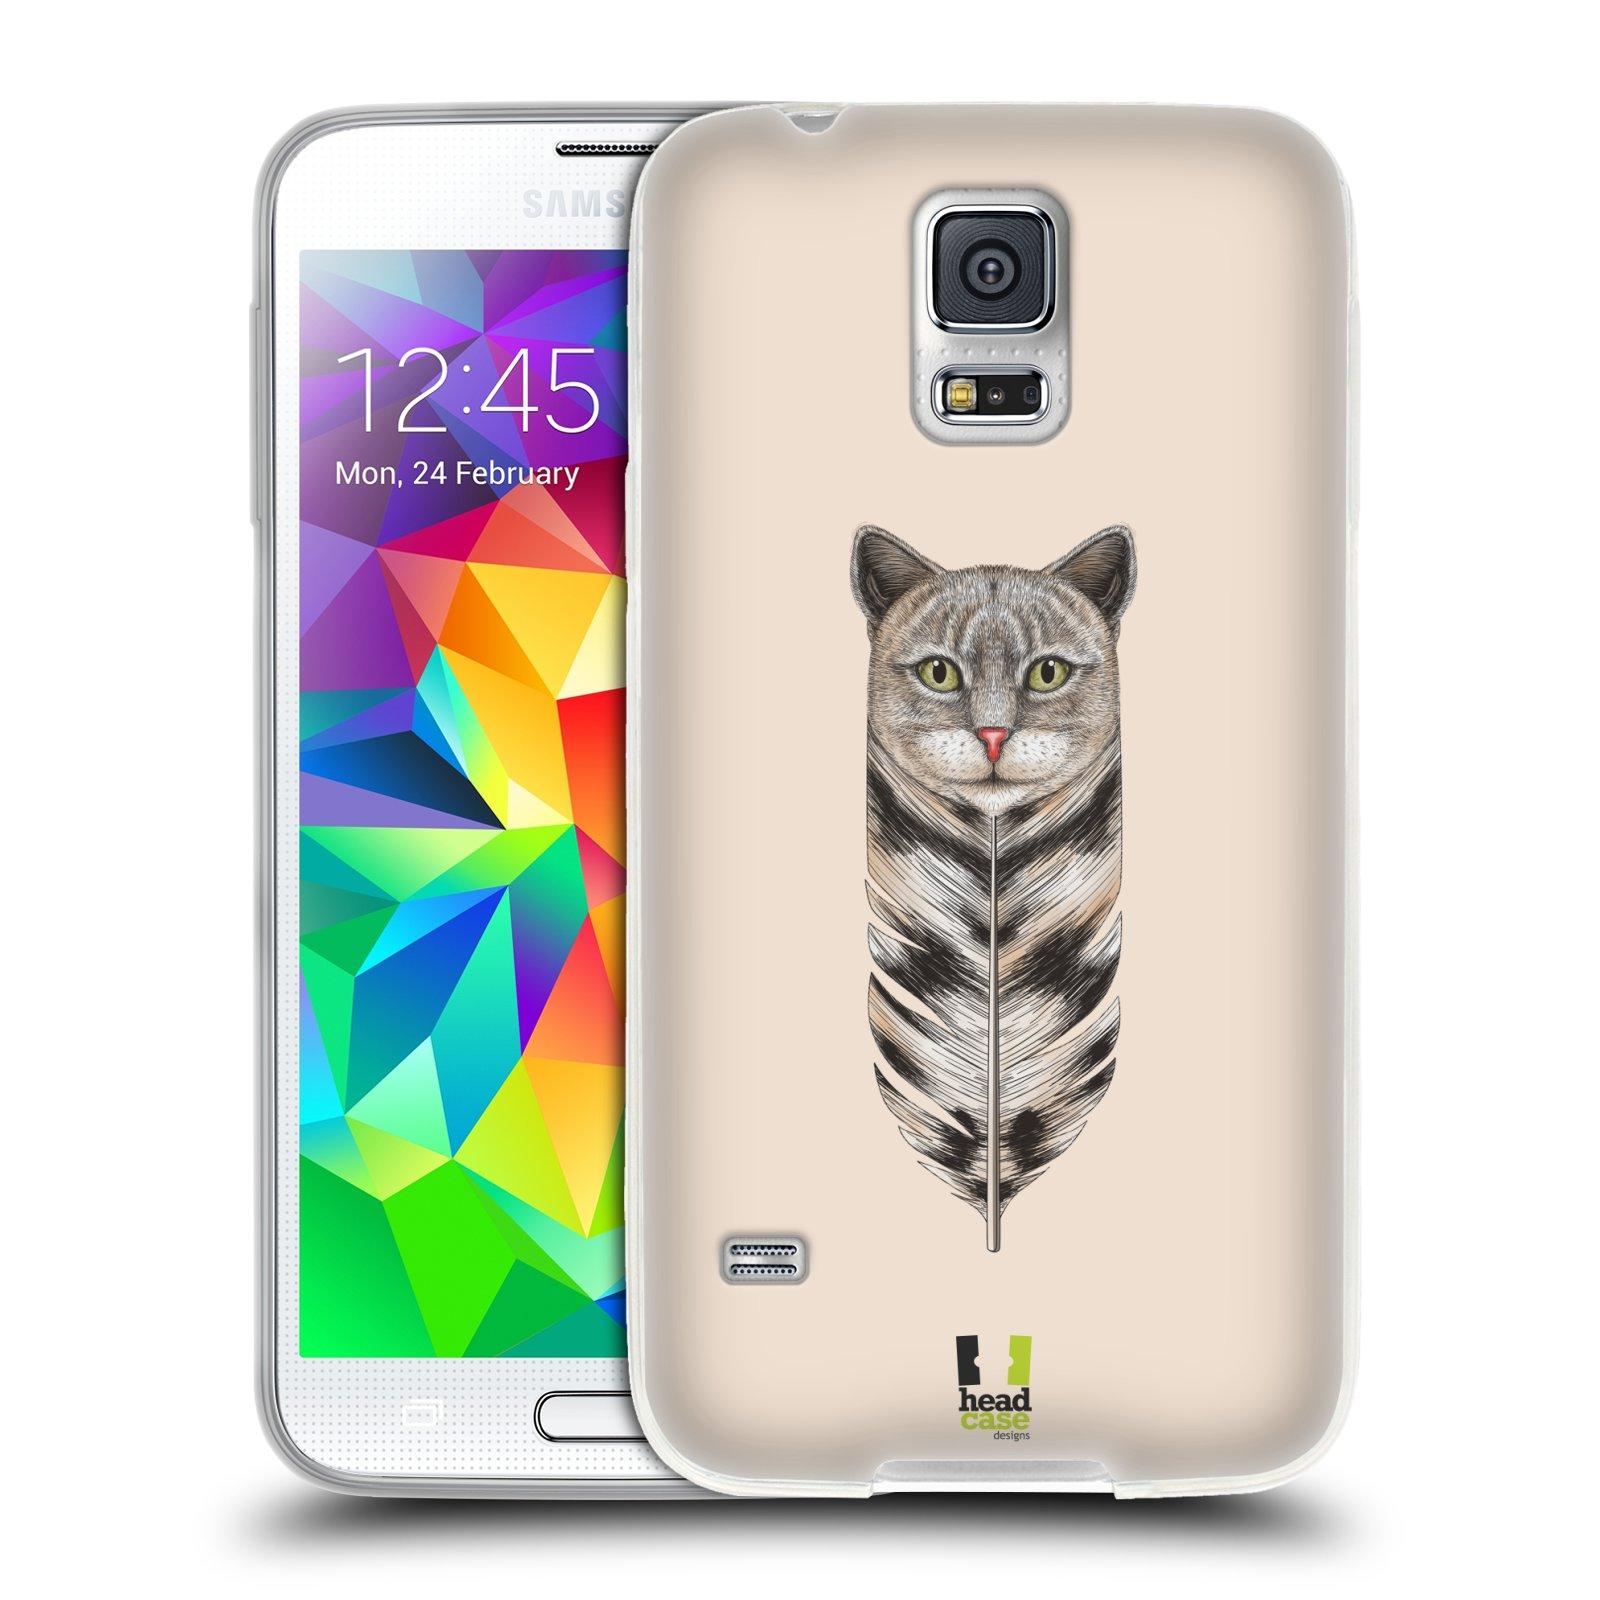 Silikonové pouzdro na mobil Samsung Galaxy S5 HEAD CASE PÍRKO KOČKA (Silikonový kryt či obal na mobilní telefon Samsung Galaxy S5 SM-G900F)